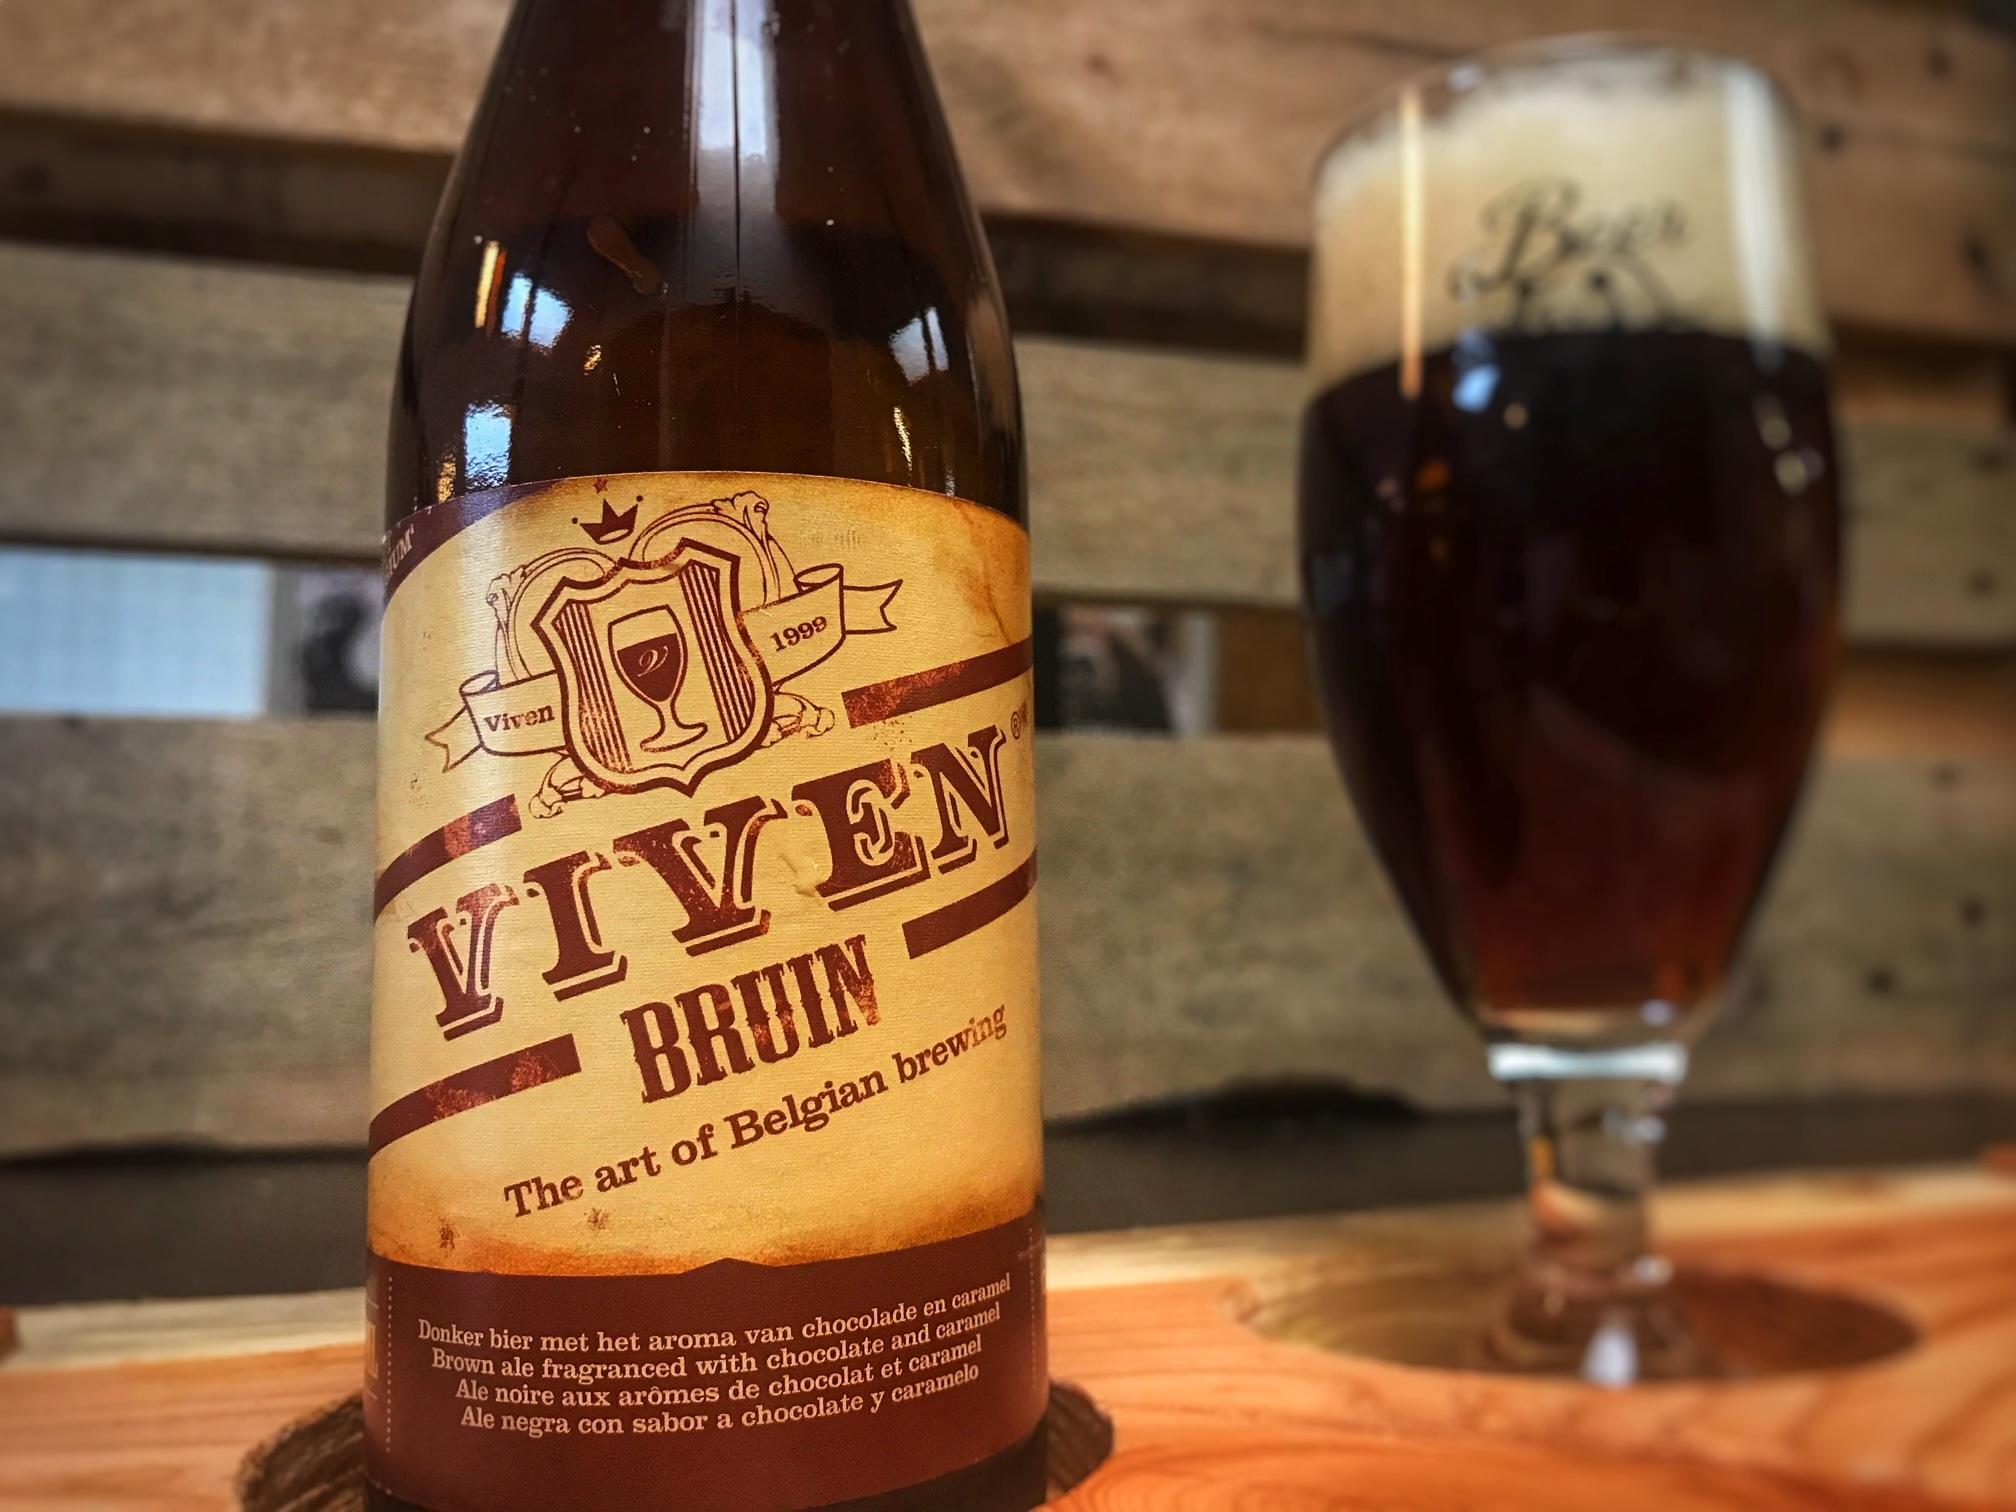 Viven Bruin van Brouwerij Viven